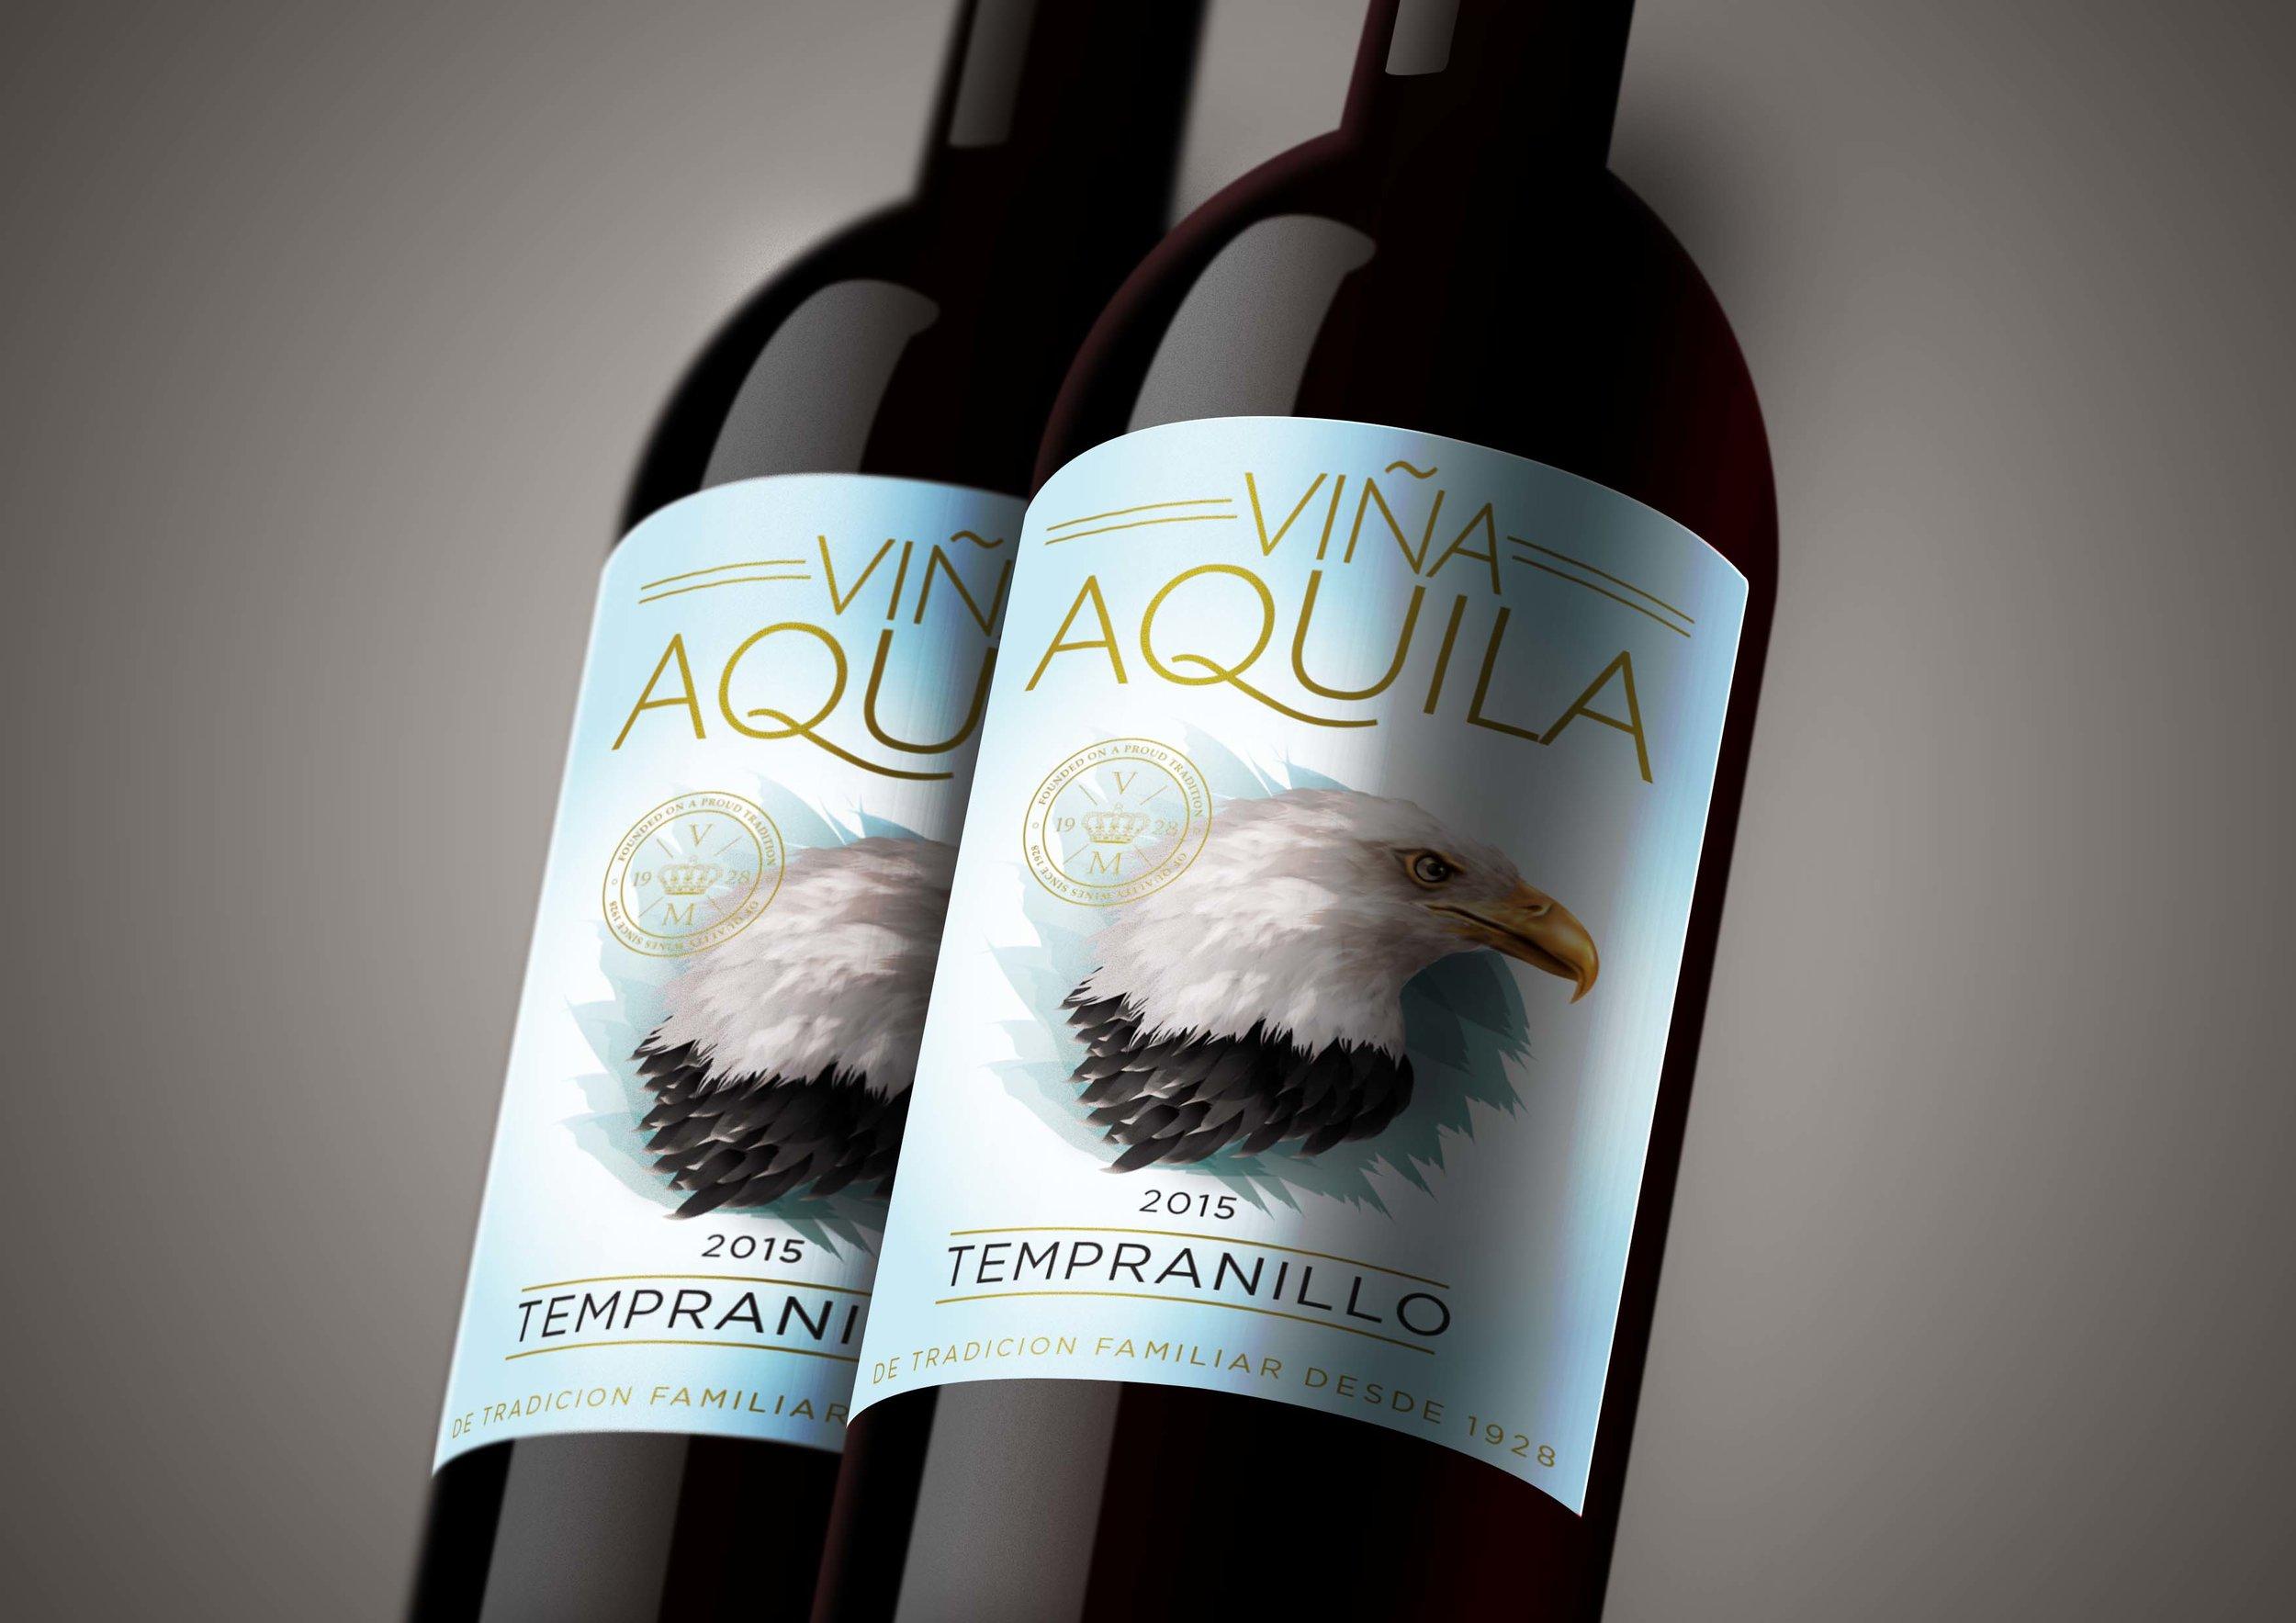 Vina Aquila 2 Bottle Mock Up.jpg